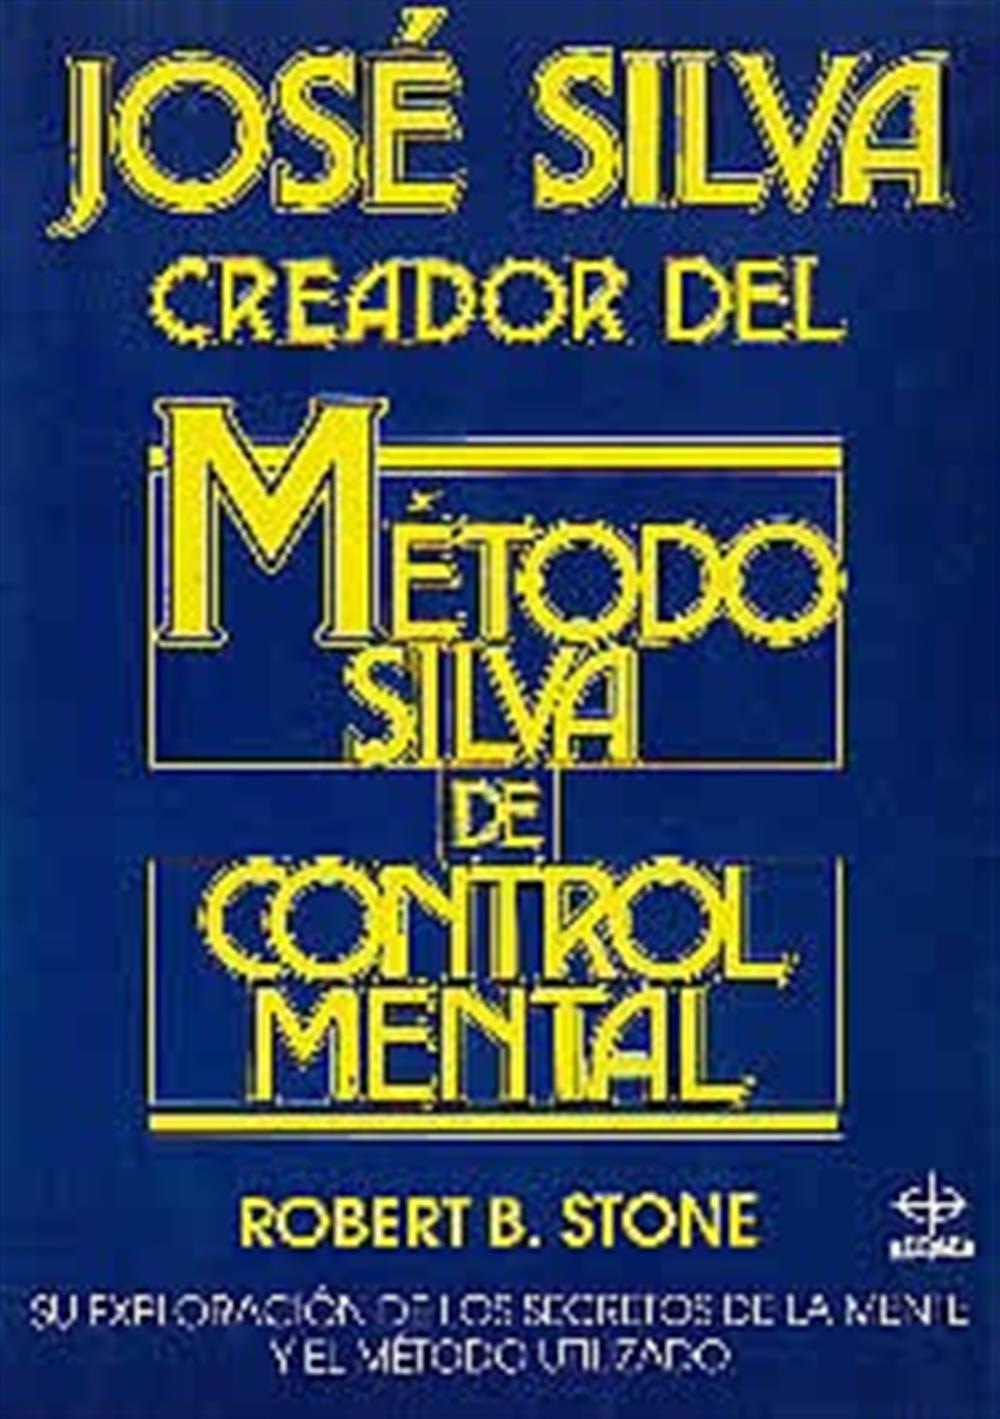 José Silva Método Silva de control mental